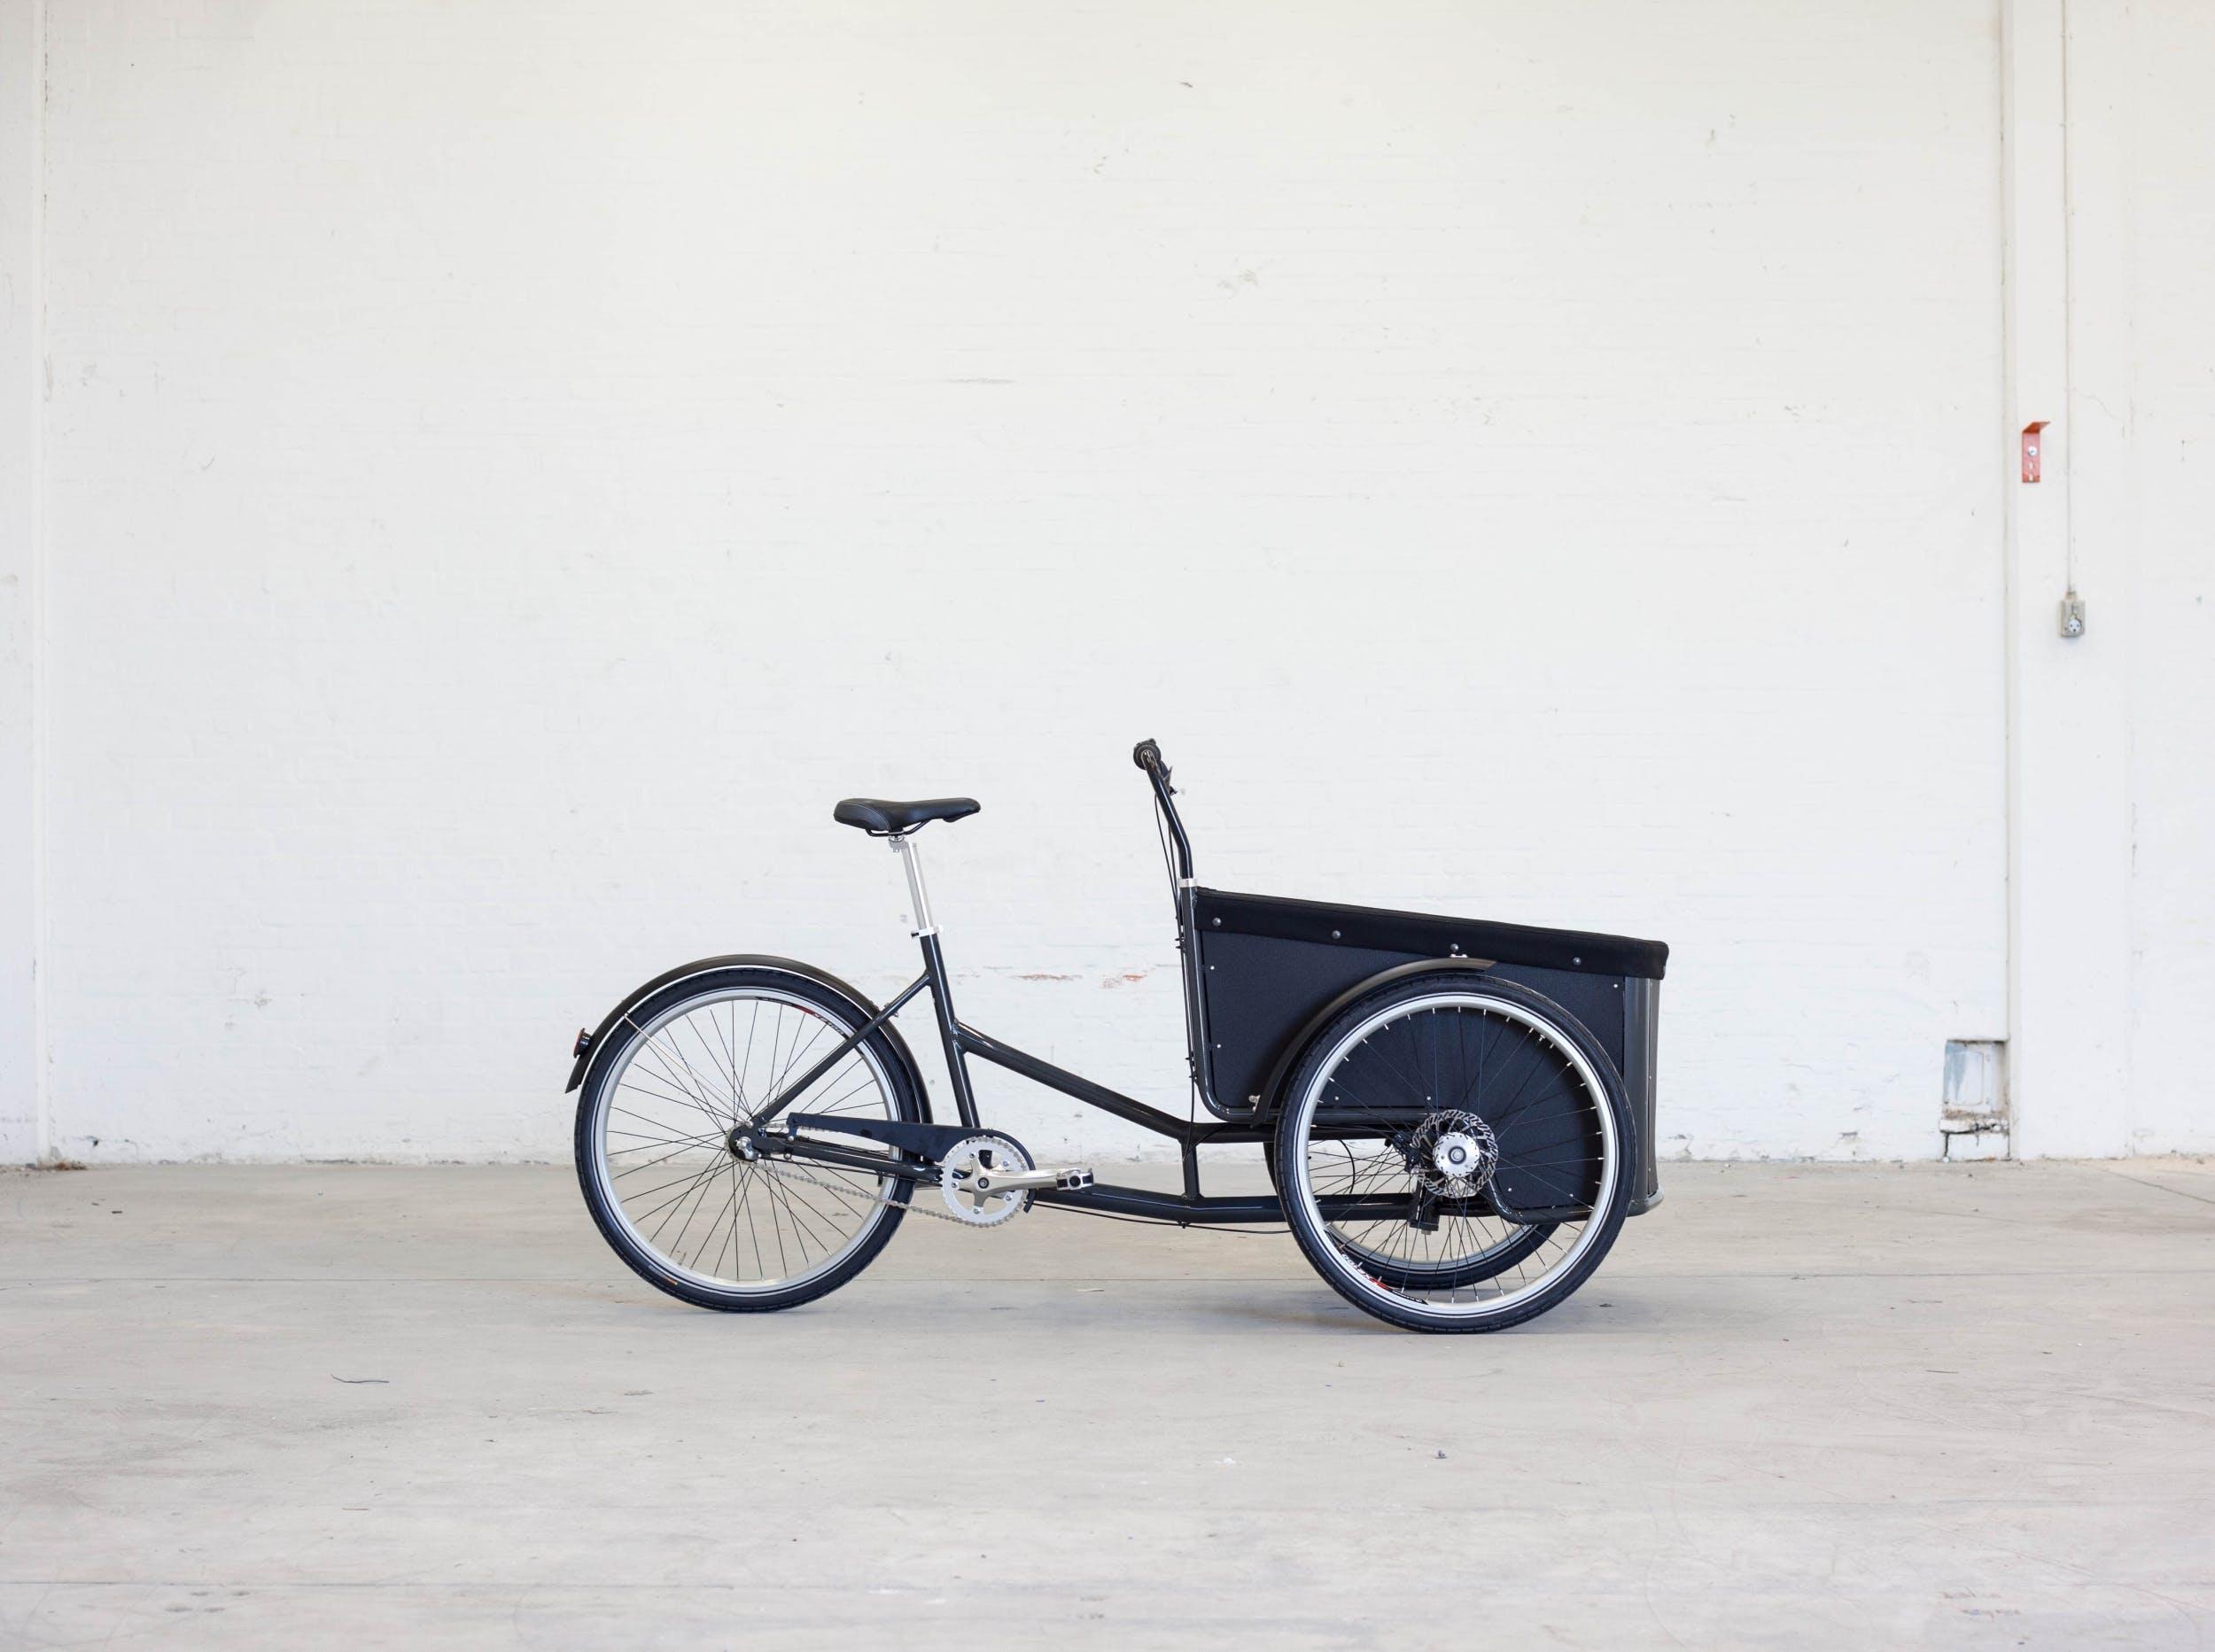 cykel, cykling, fortov